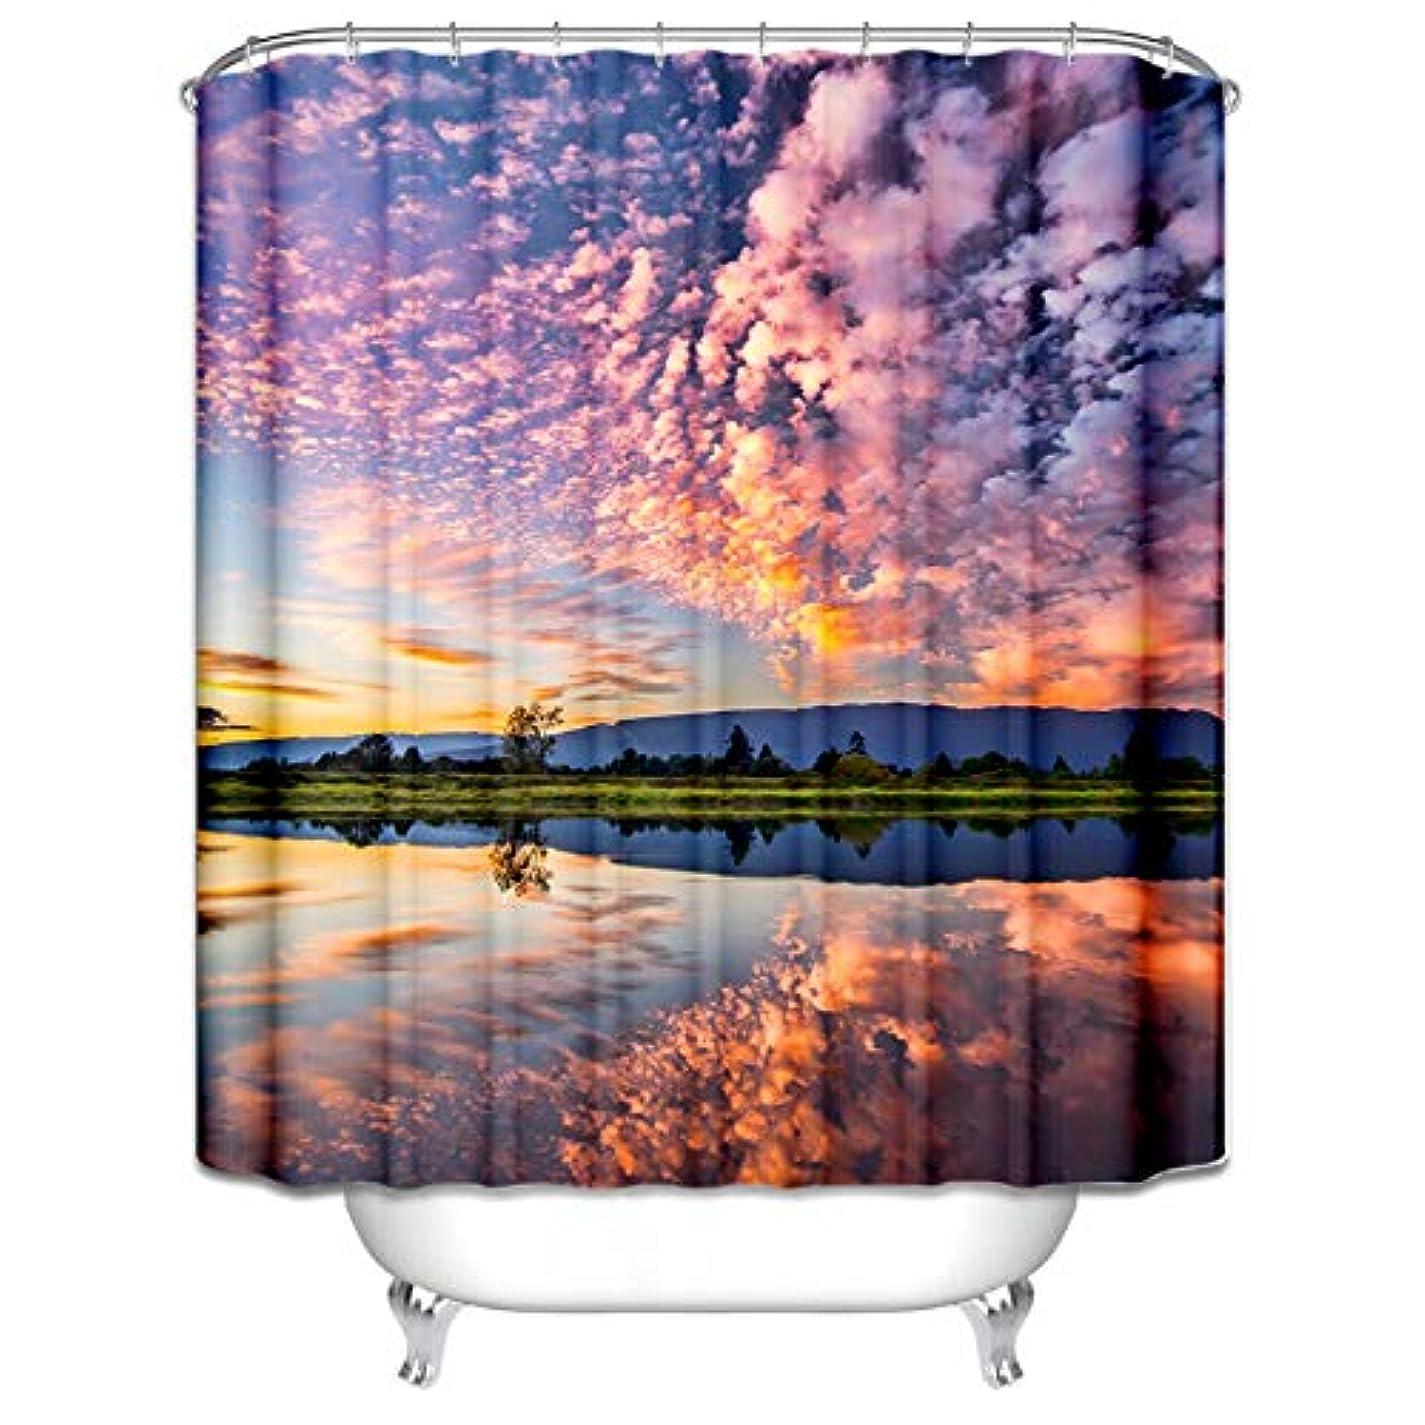 シャーク広げる評判SMART 48 × 120 センチメートルベンチソファクッション装飾高品質ポリエステル繊維ジャー椅子のクッション暖かい快適な畳マットパッド クッション 椅子